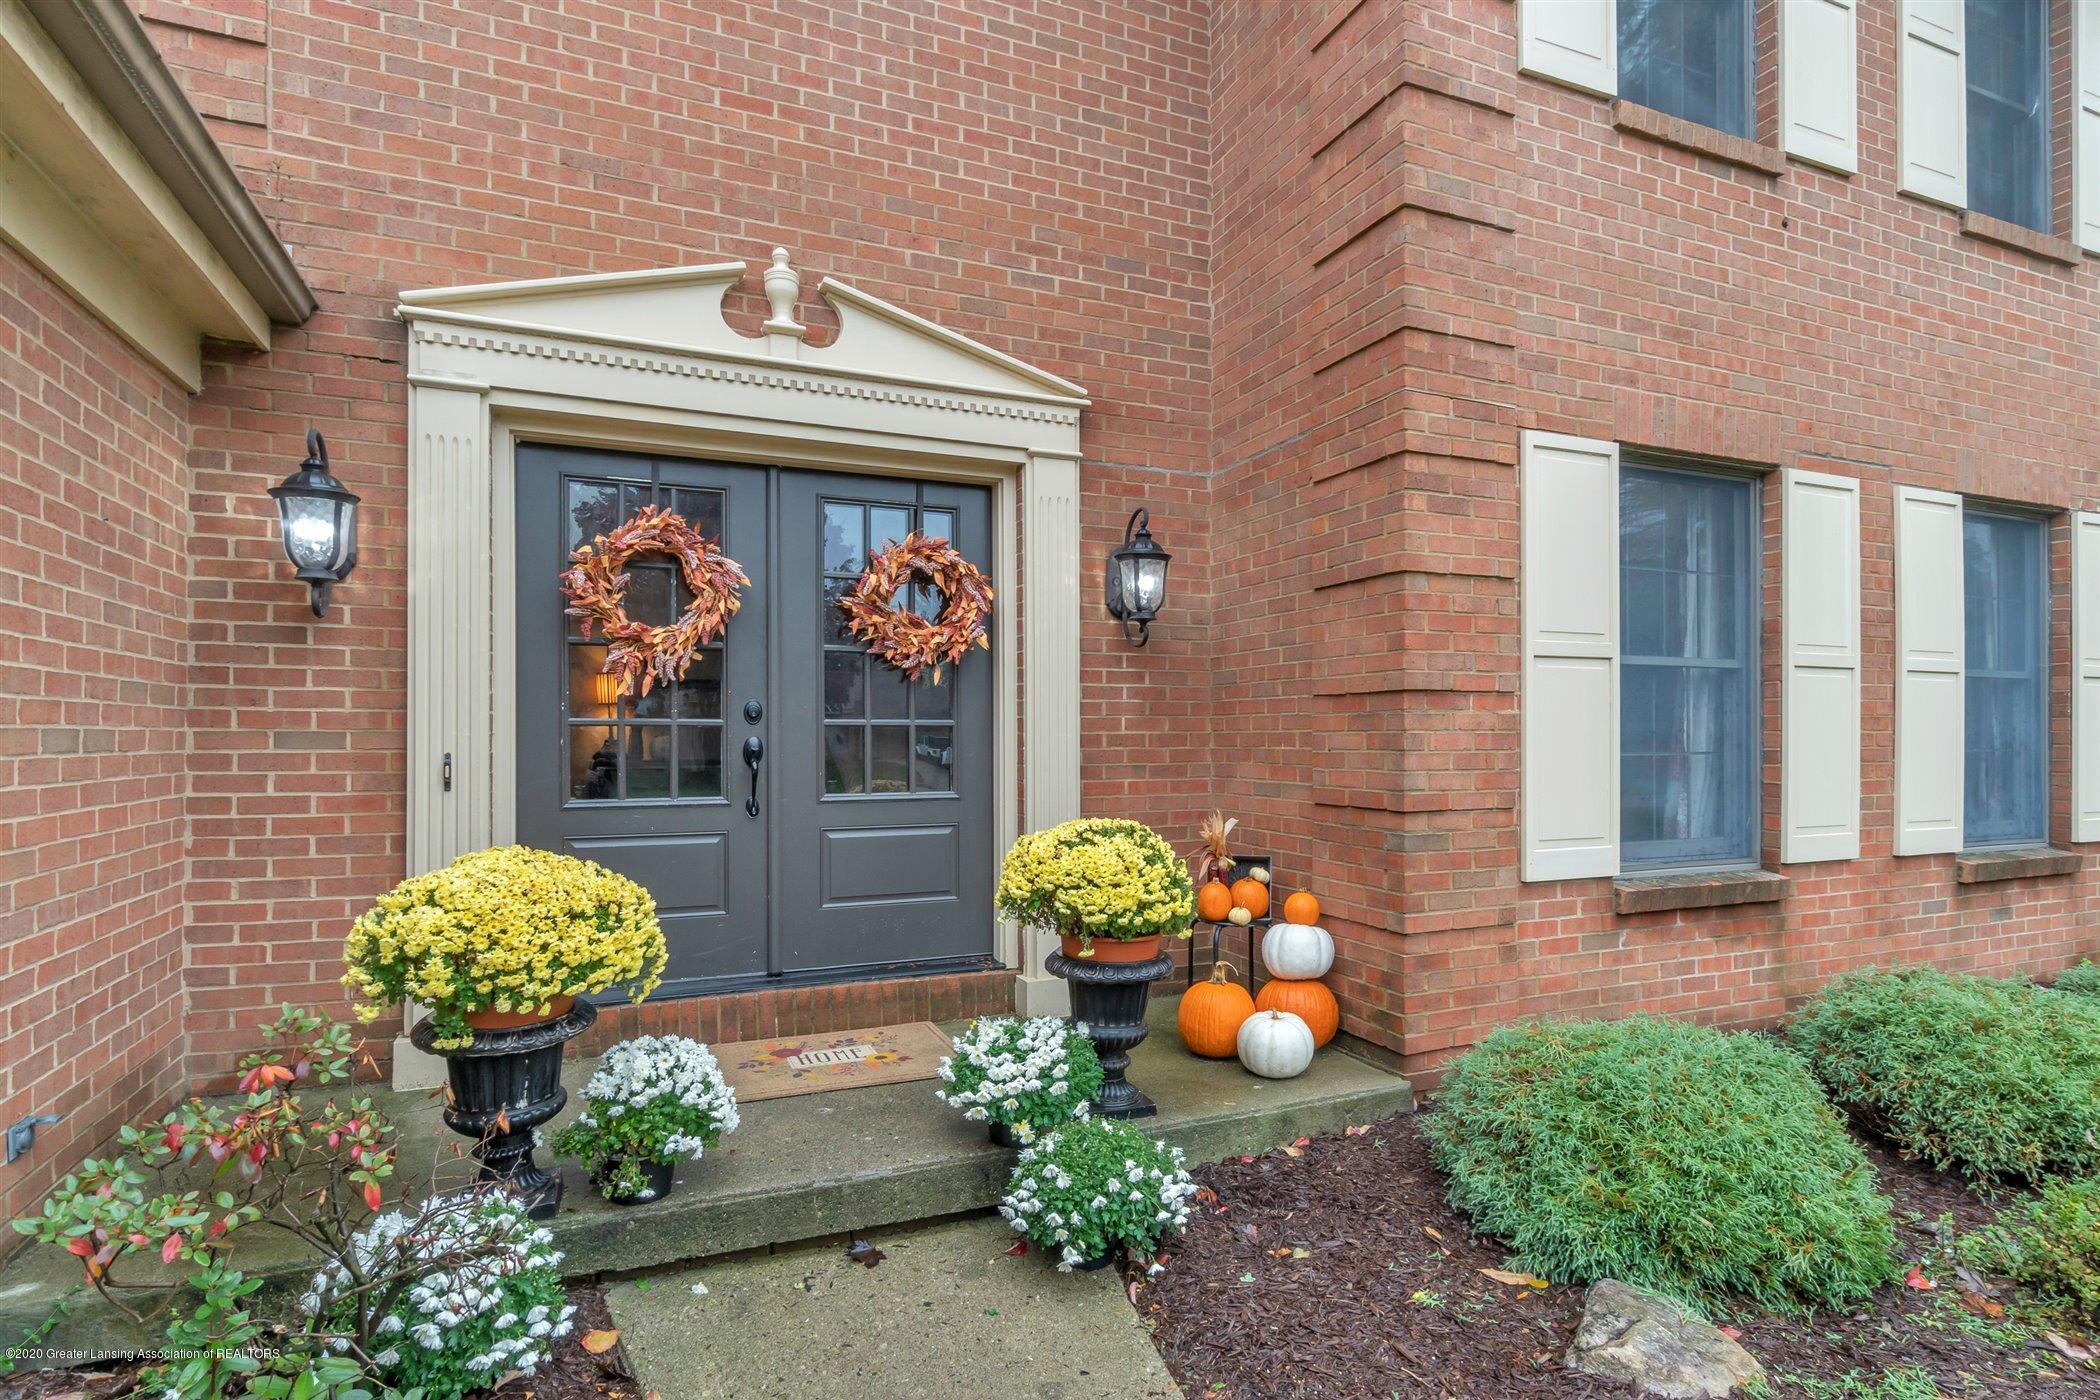 2157 Woodfield Rd - 05-2157-Woodfield-WindowStill-Real- - 2